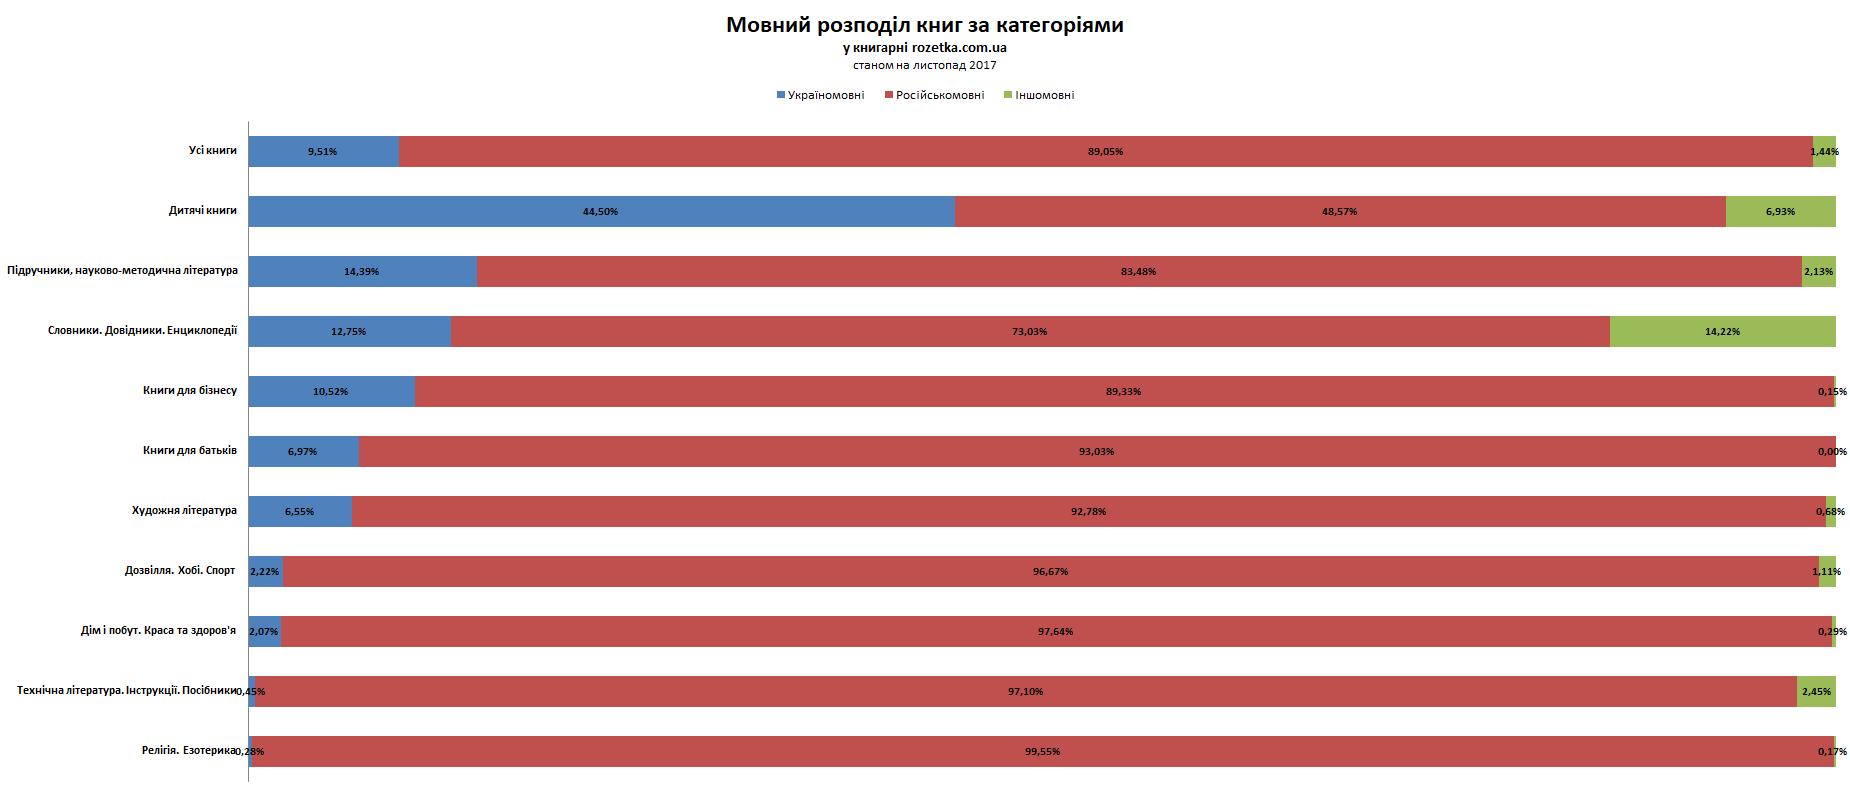 Мовний розподіл книг за категоріями у книгарні rozetka.com.ua